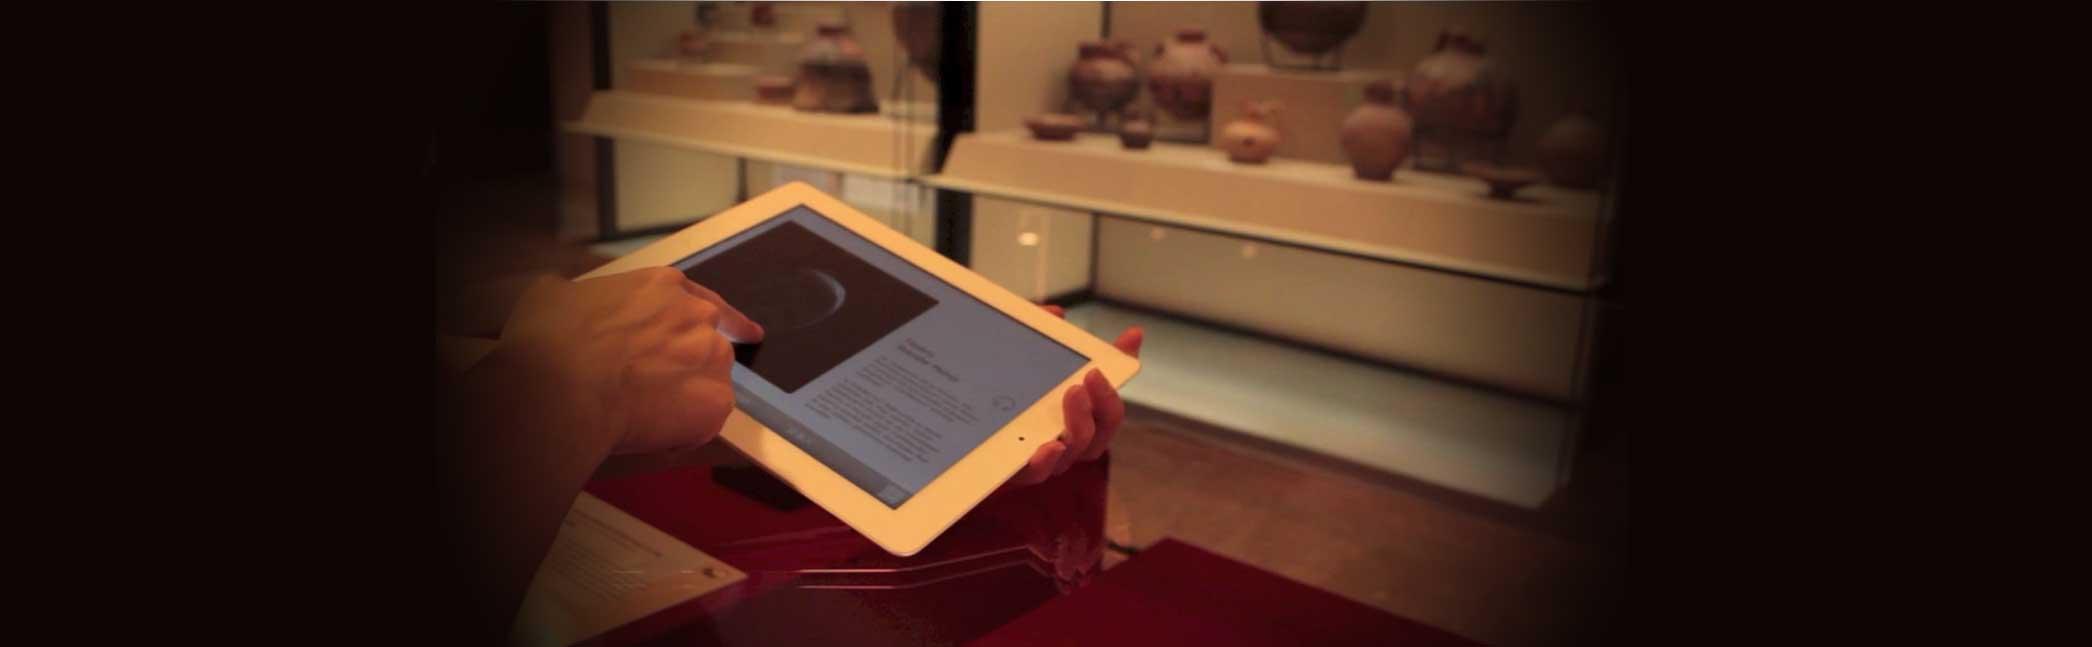 Kaman Museum Digital Guide